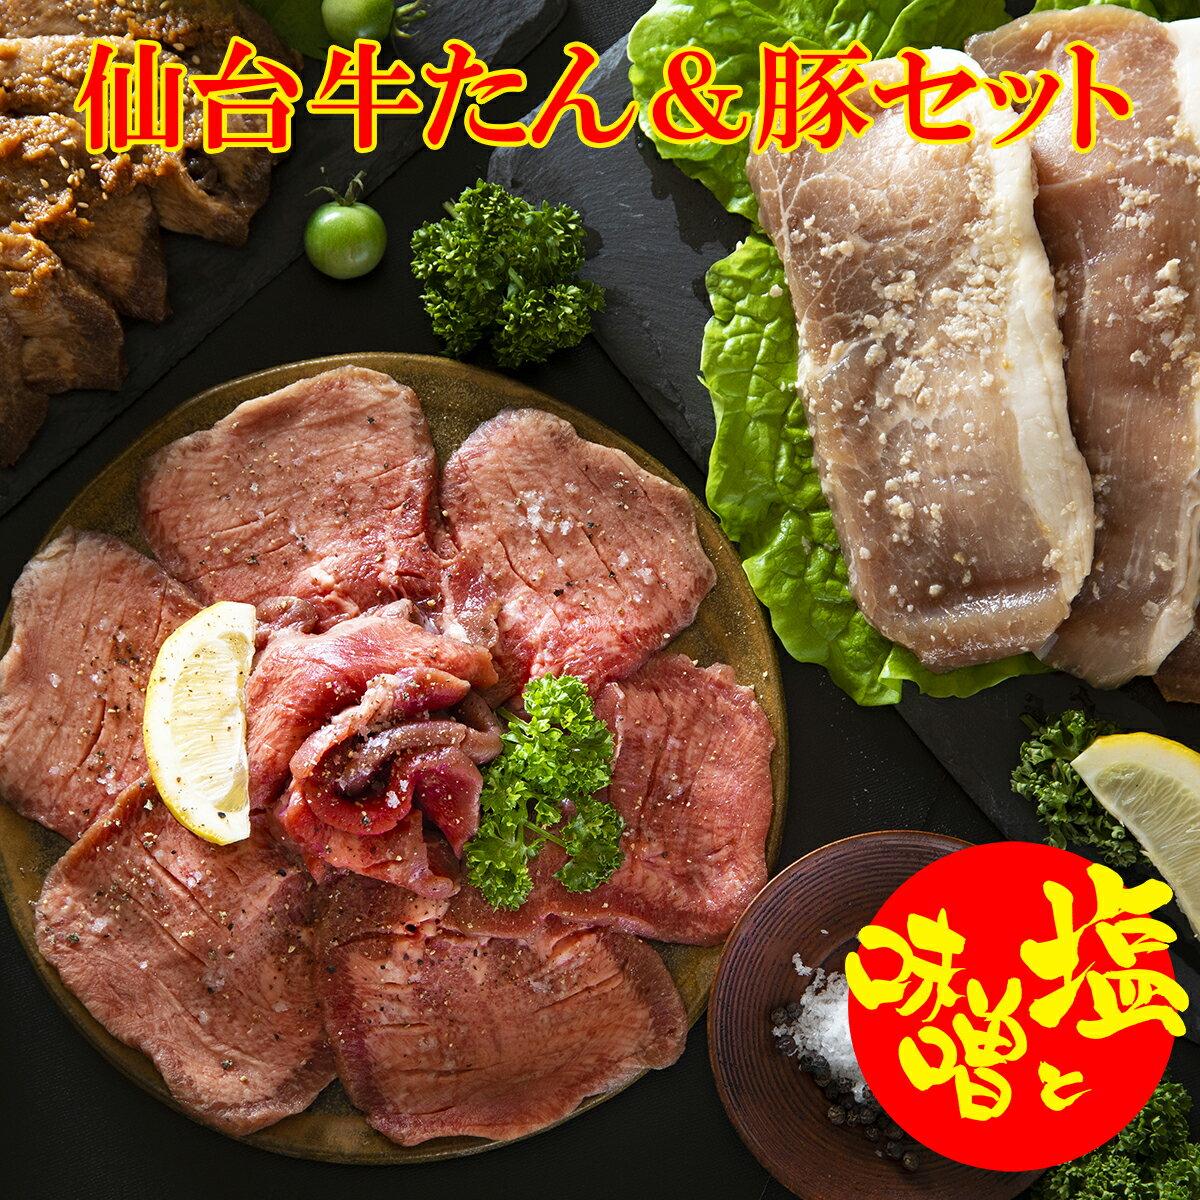 【ふるさと納税】こだわりの味!牛たん&豚セット(合計7kg!)